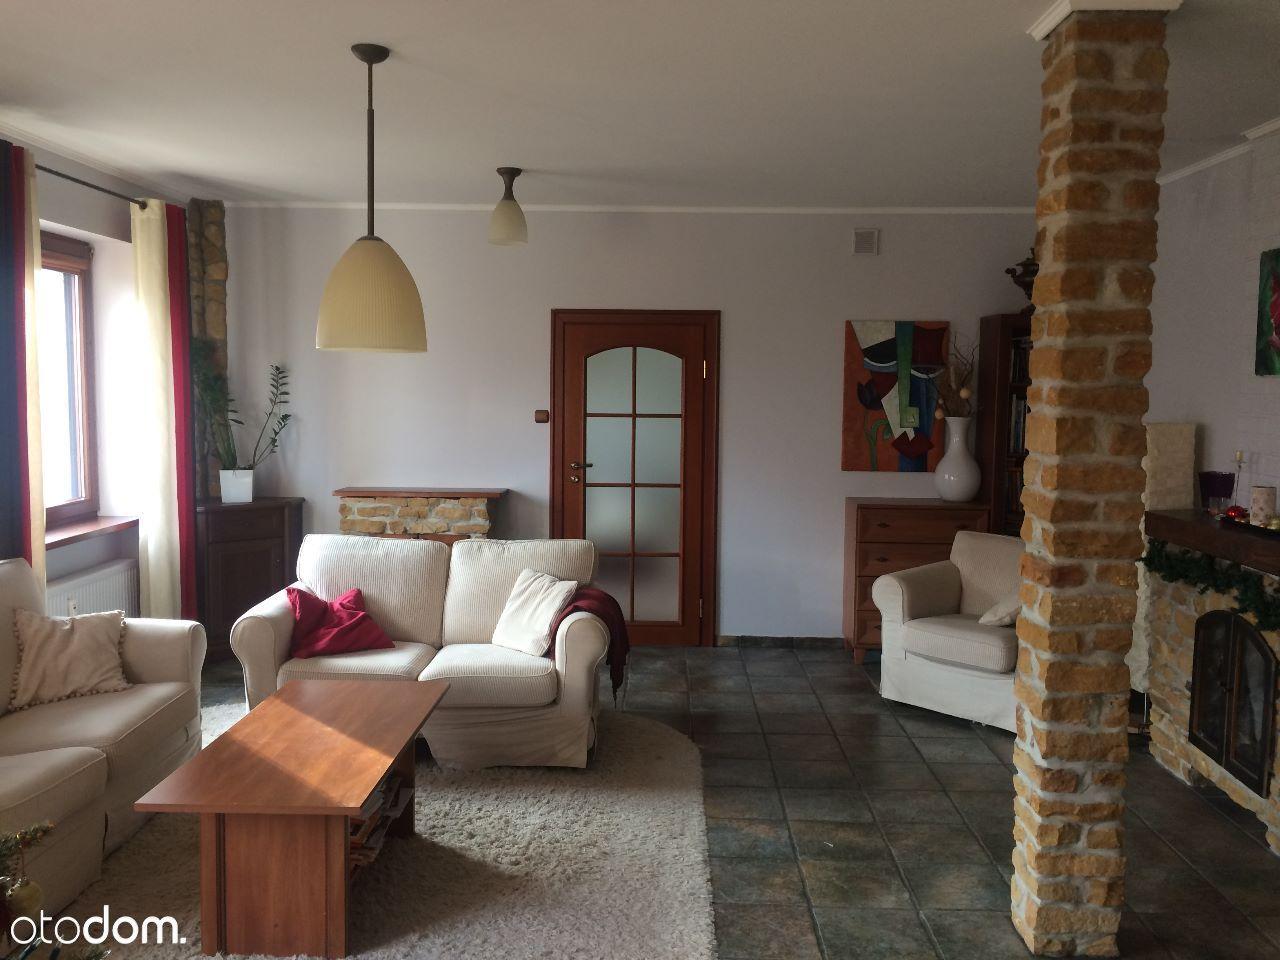 komfortowe mieszkanie, wysoki standard, centrum